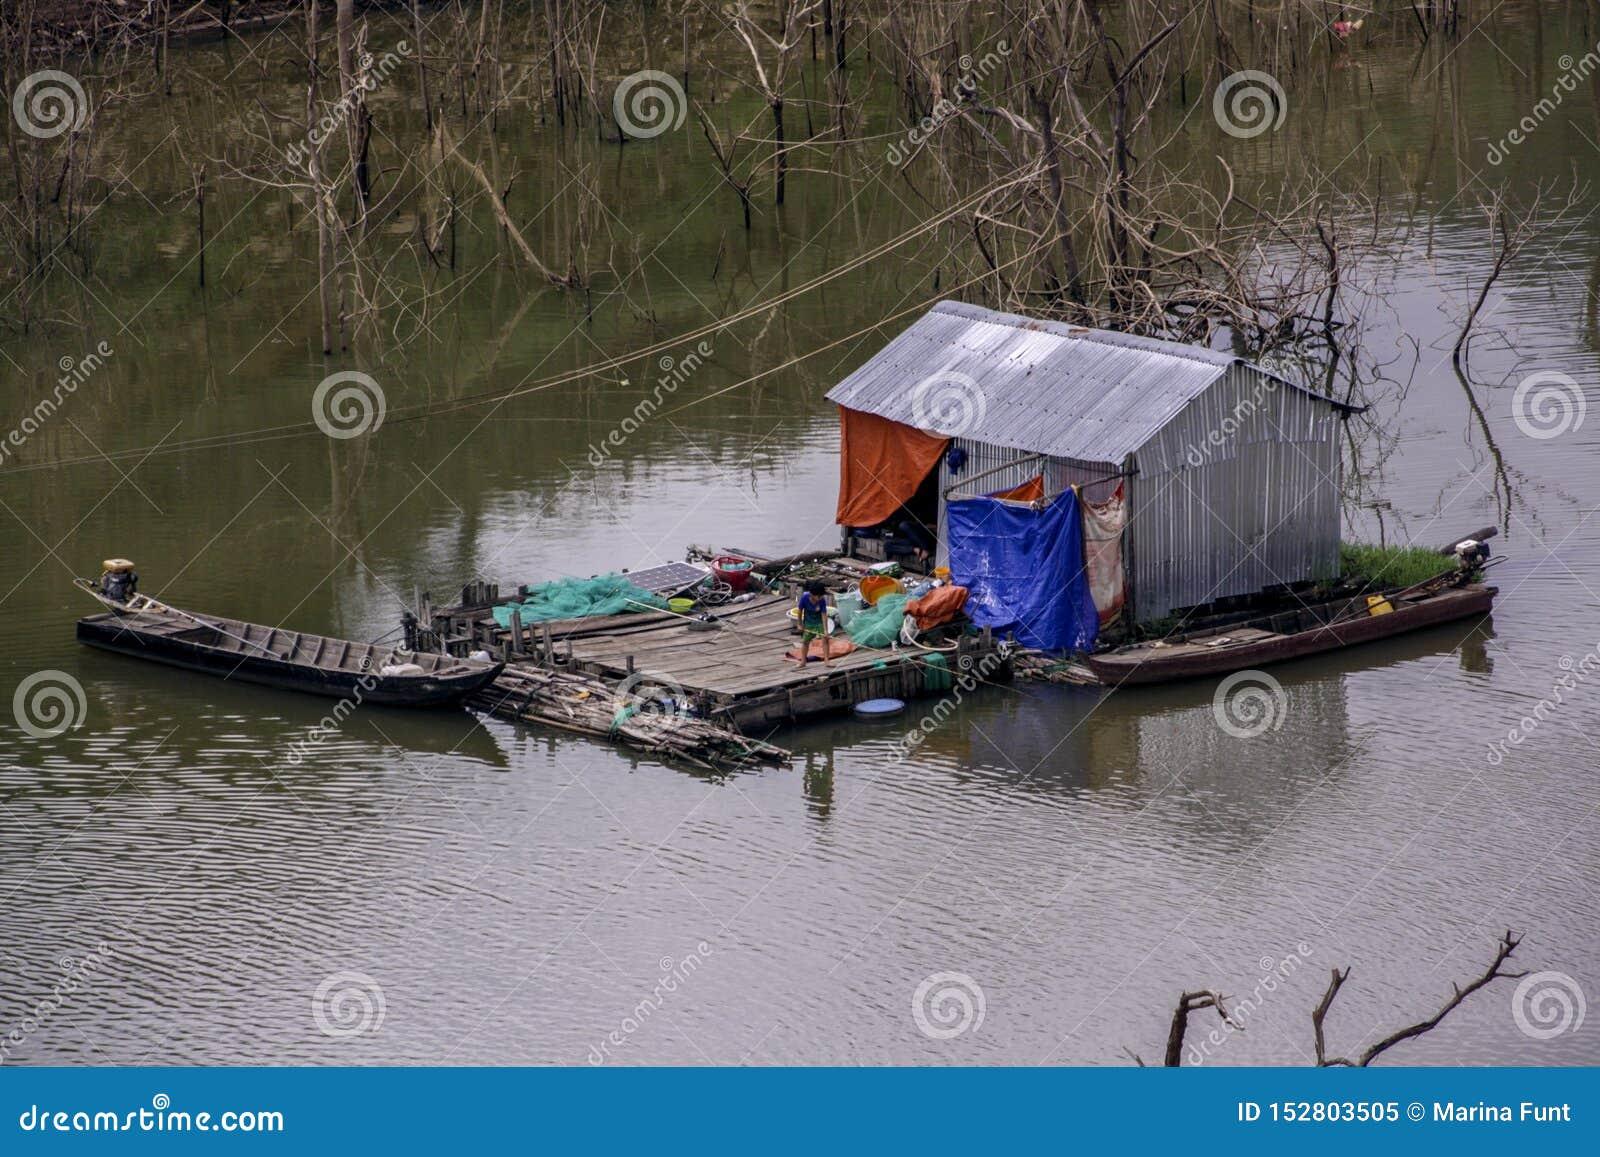 Rybaków życia po środku rzeki w chałupa domu robić blaszani prześcieradła